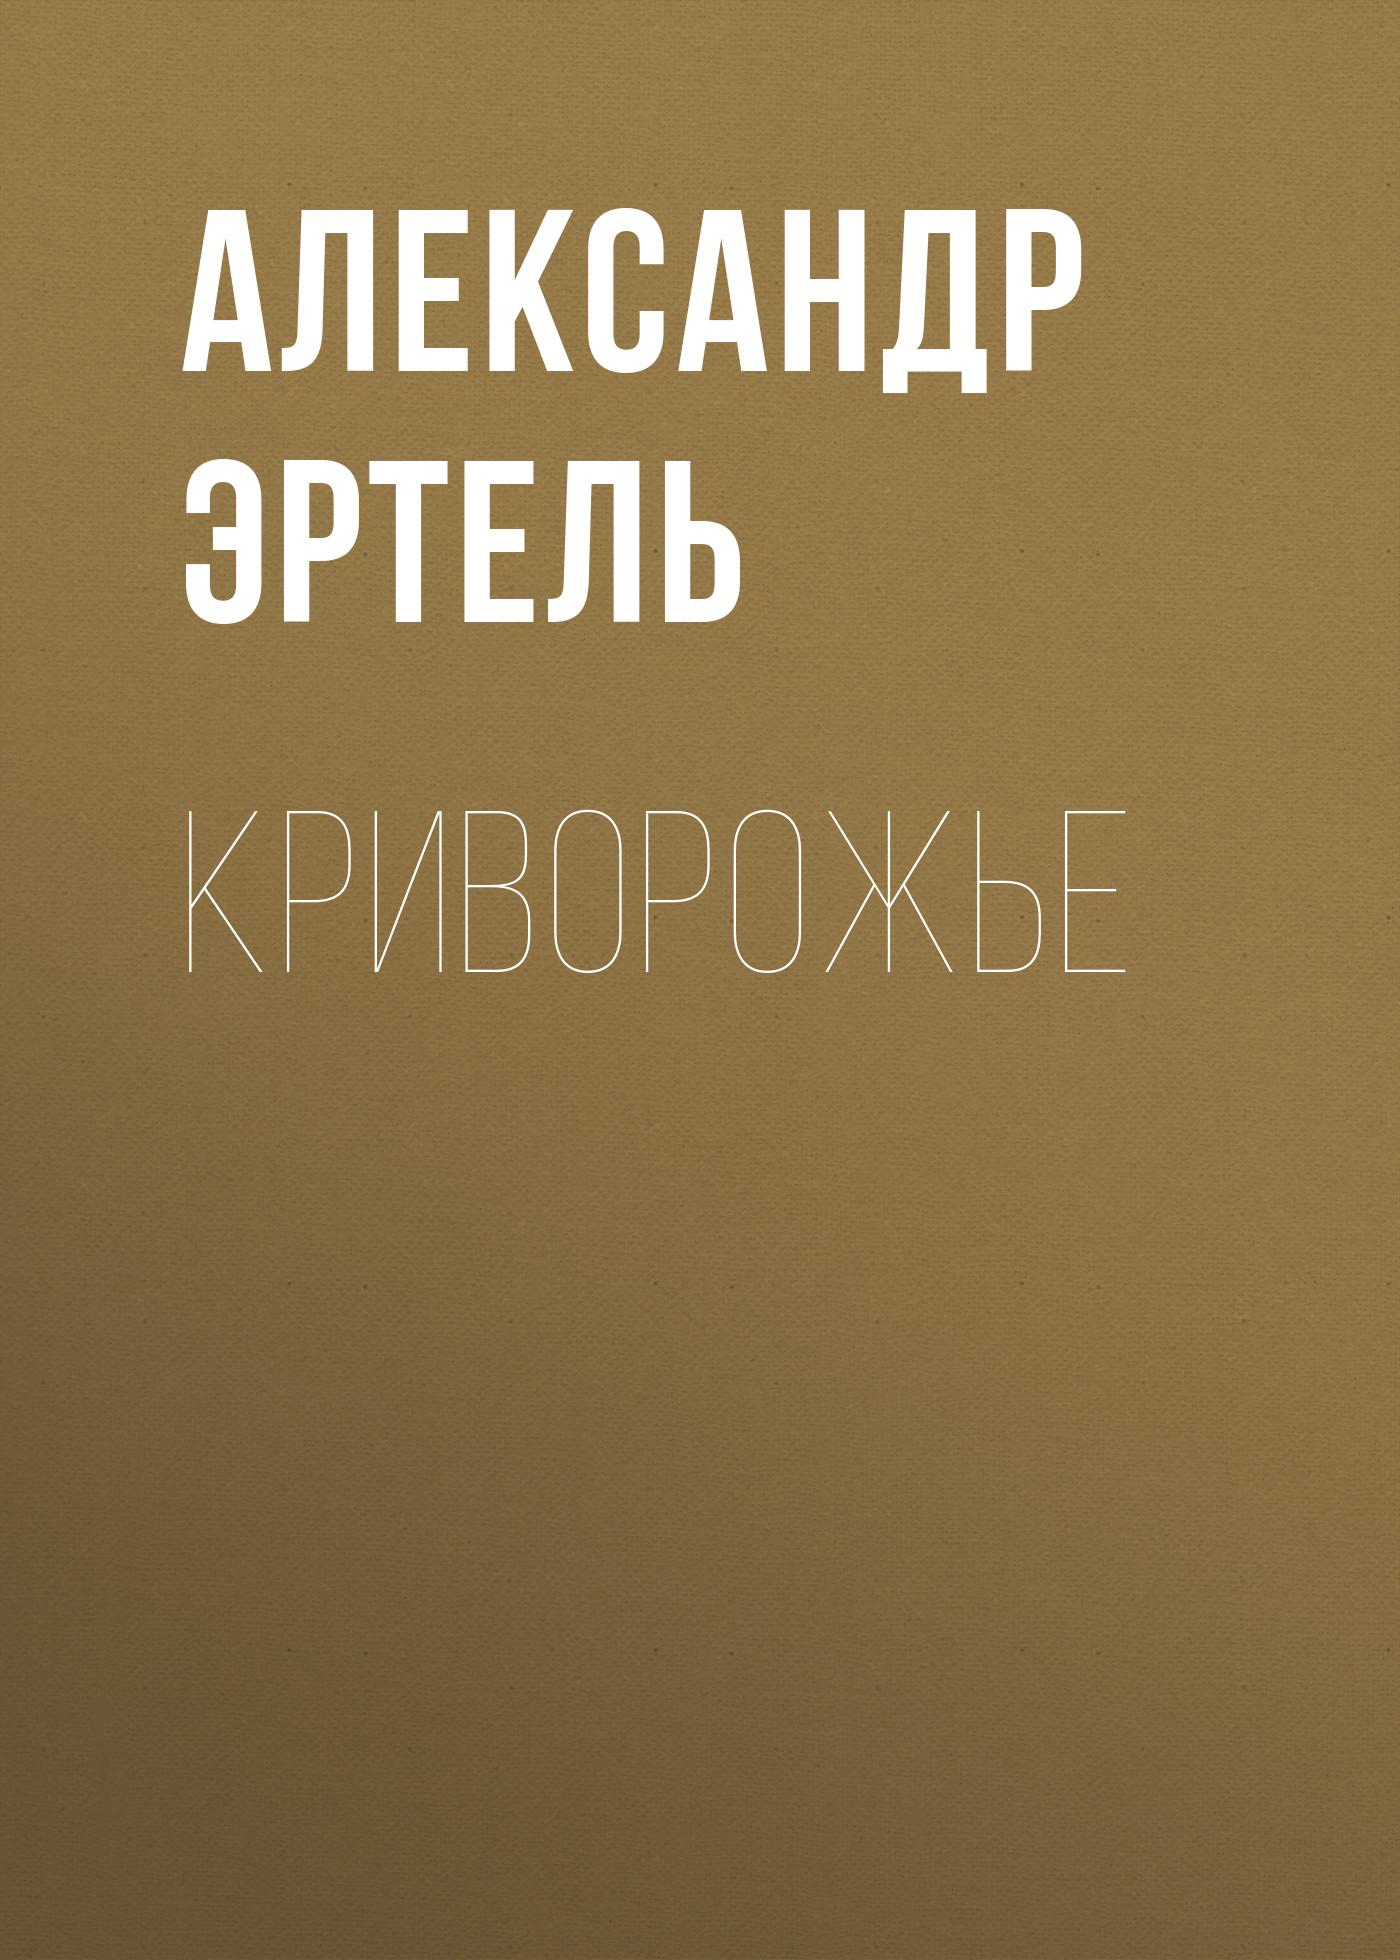 Купить книгу Криворожье, автора Александра Эртеля